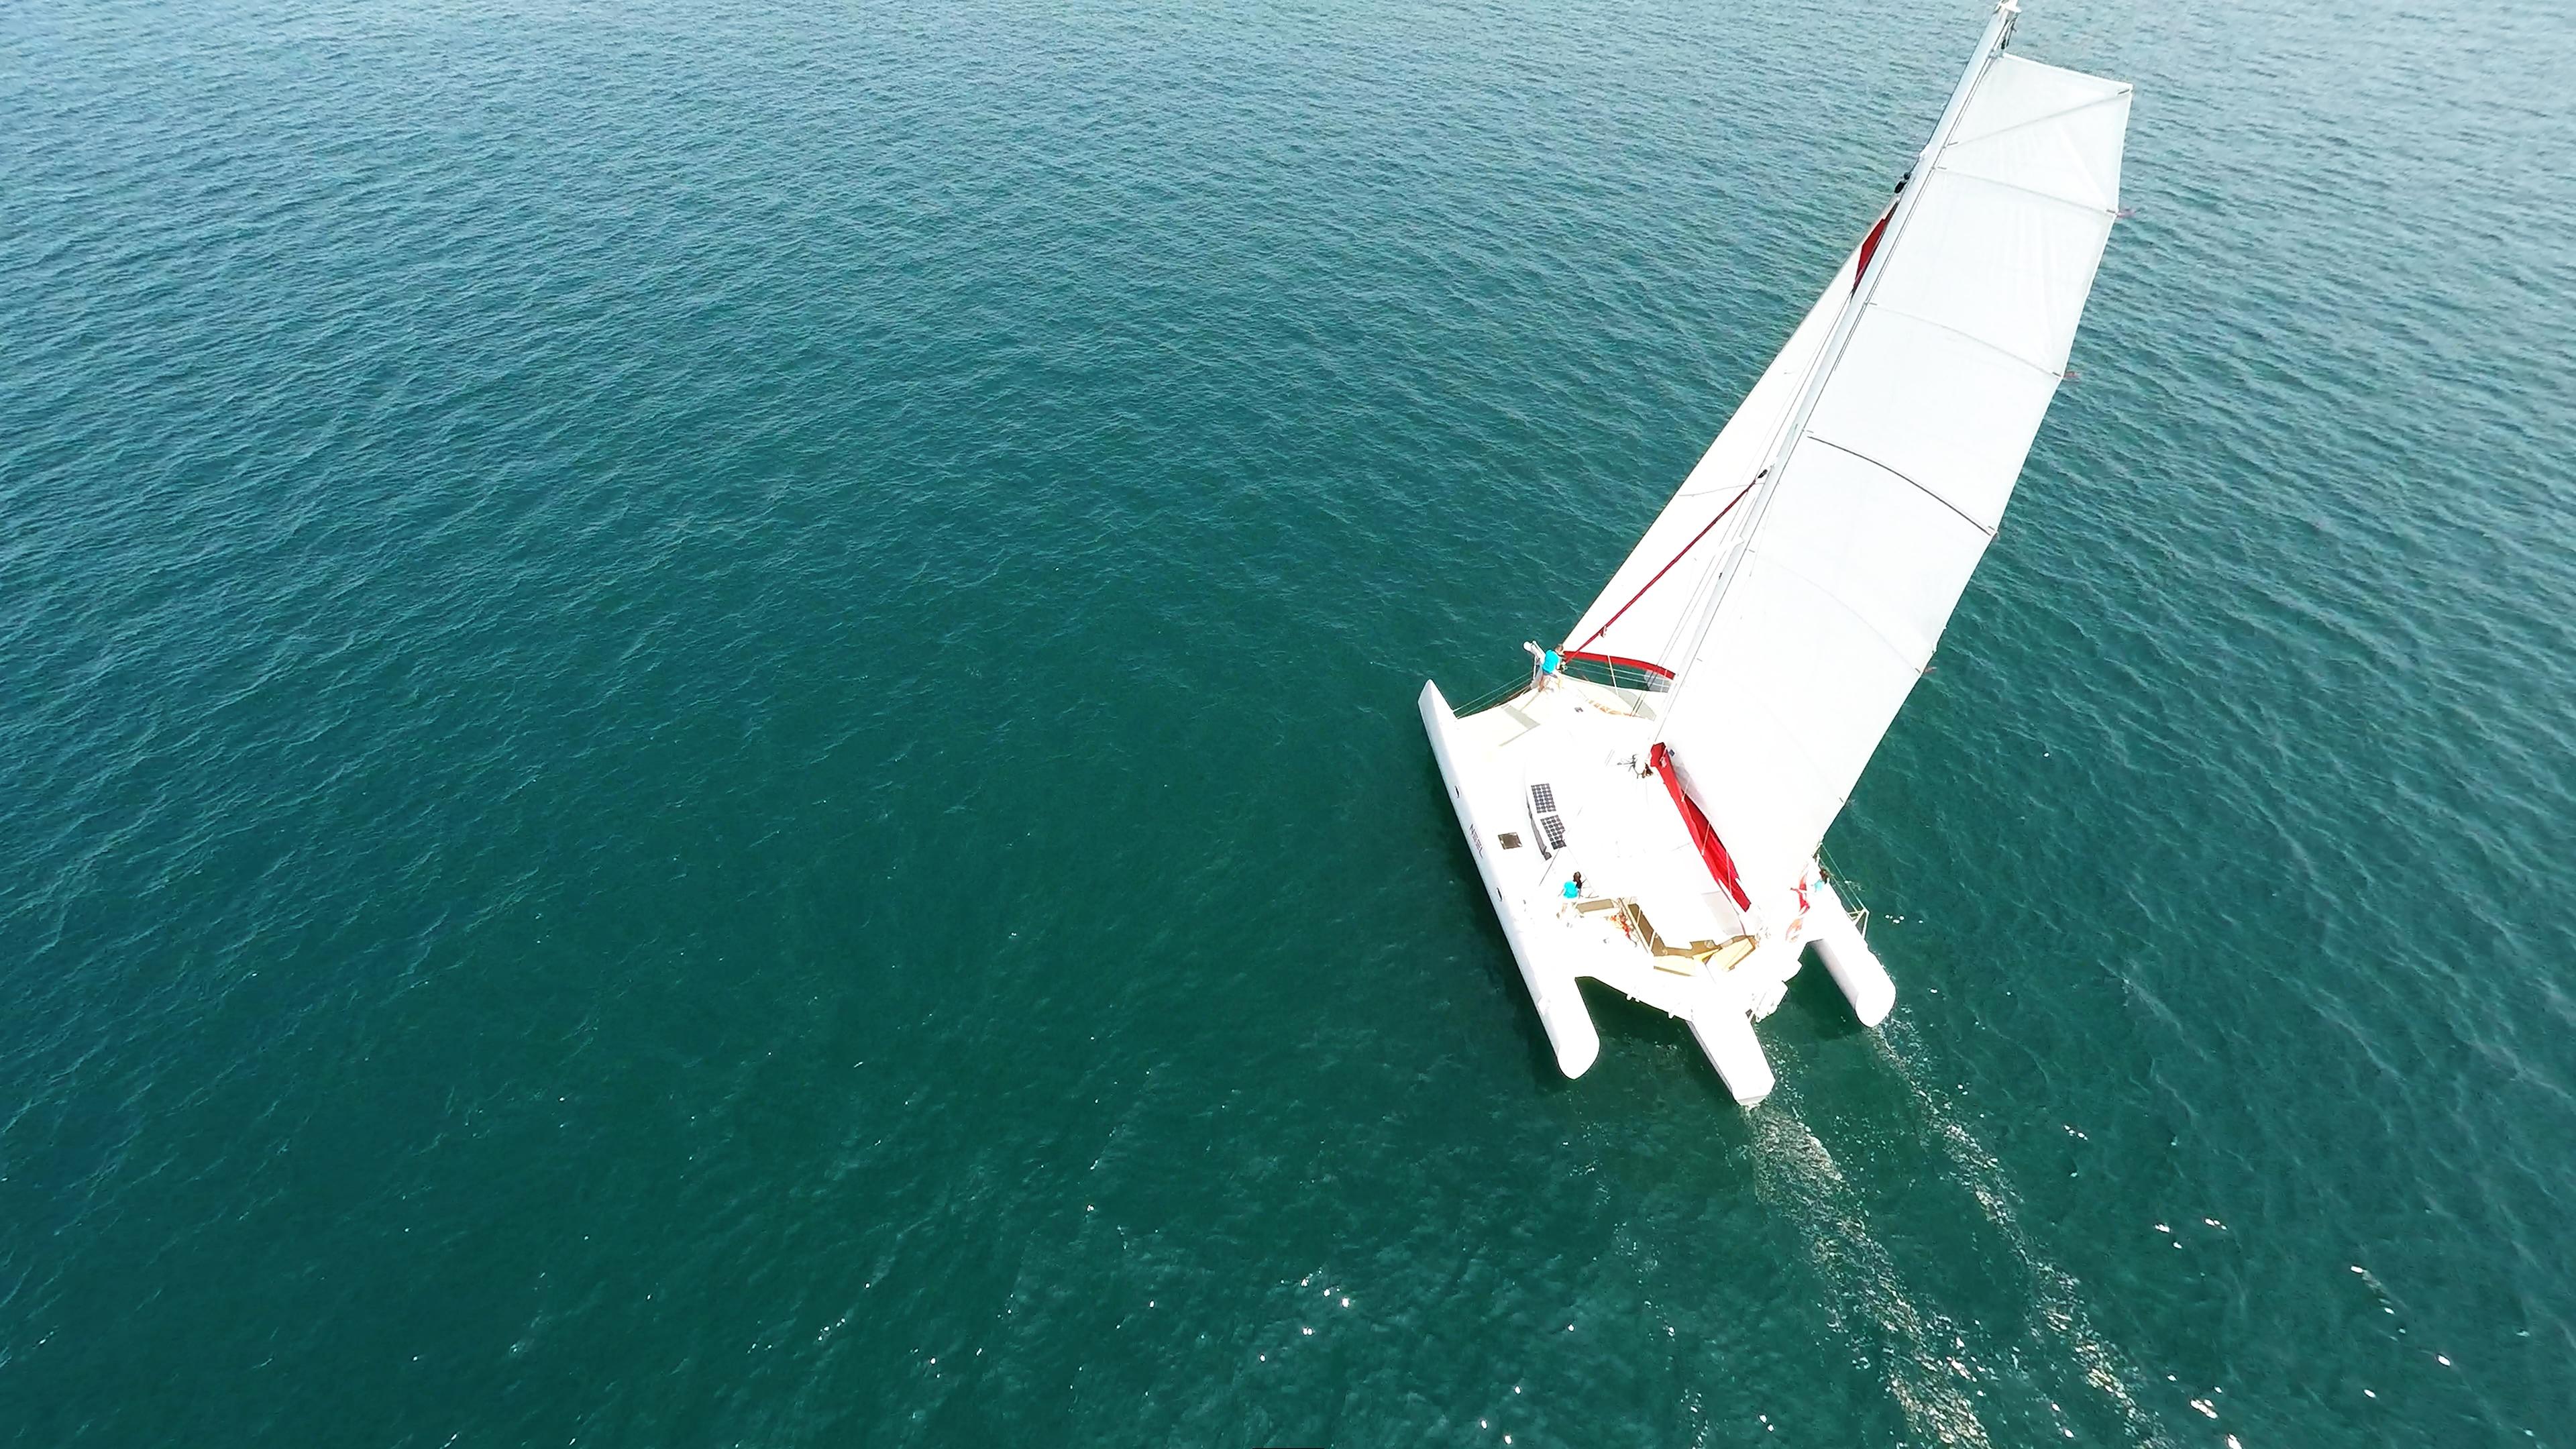 multiscafo yacht foto aerea di navigazione